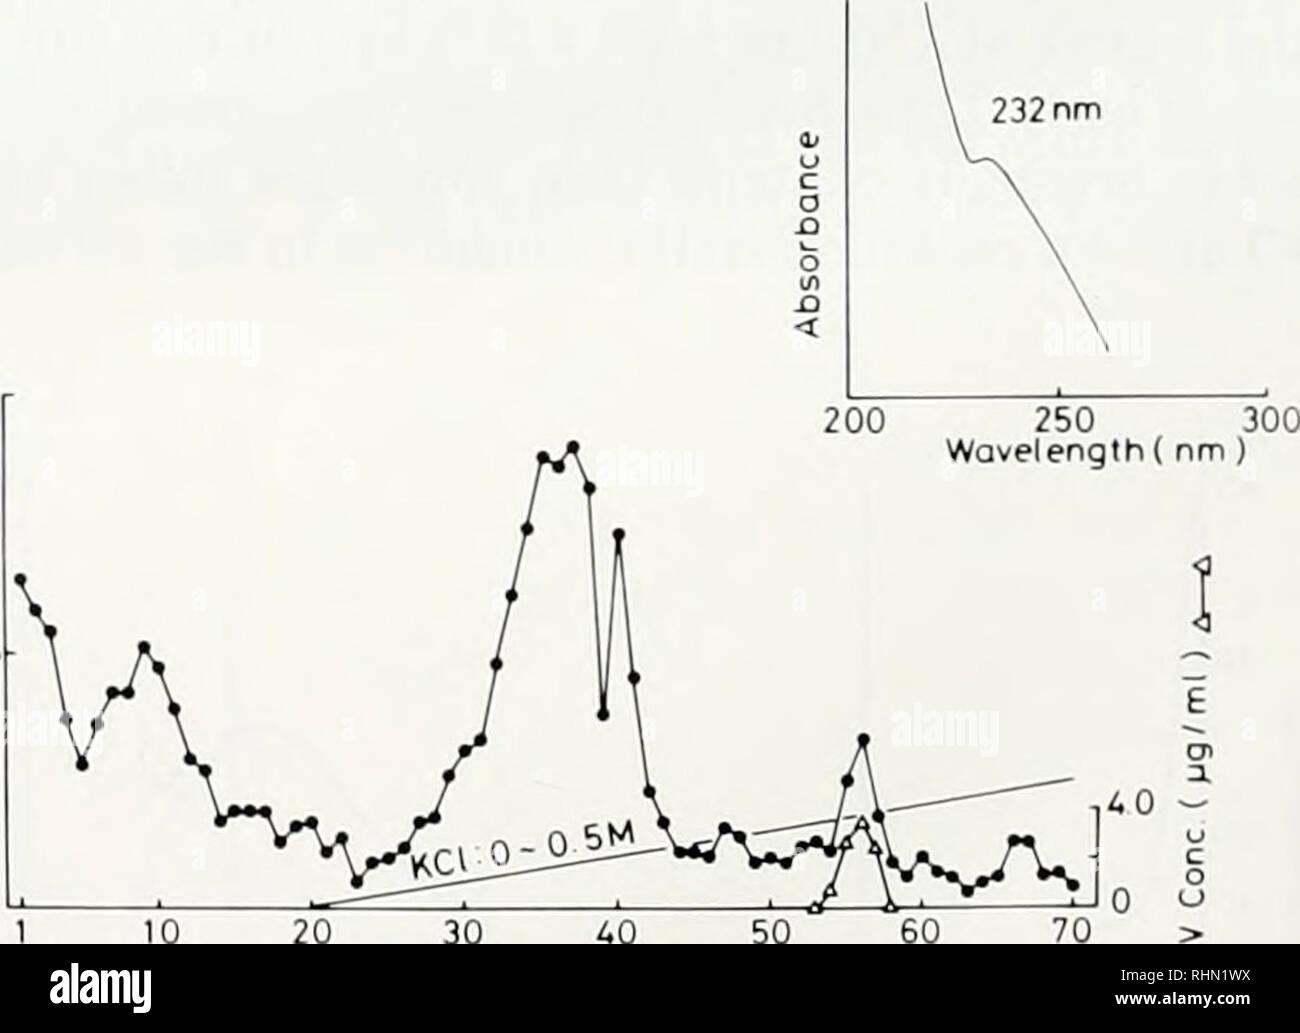 . Le bulletin biologique. Biologie; zoologie; biologie; biologie marine. 15 20 25 30 Nombre de fractions F'igure 6. Profil d'élution de l'homogénat cellulaire du sang de Ascidia aliixlon sur Sephadex G-15 La chromatographie sur colonne. Boulettes de cellules du sang (49,7 mg) ont été homogénéisés dans 10 mA/ glycine-HCl solution à pH 2,3. L'homogénat (1.2 ml) a été chargé sur une colonne (1,5 cm 0 x 48 cm) et élué avec la même solution tampon dans 3 ml de fractions. Vt et Vo de la colonne sont de 85 ml et 39 ml, respectivement. Ve d'vanadobin est de 63 ml. L'encart montre le spectre UV de la fraction fraction de pics (21). Absolue Banque D'Images